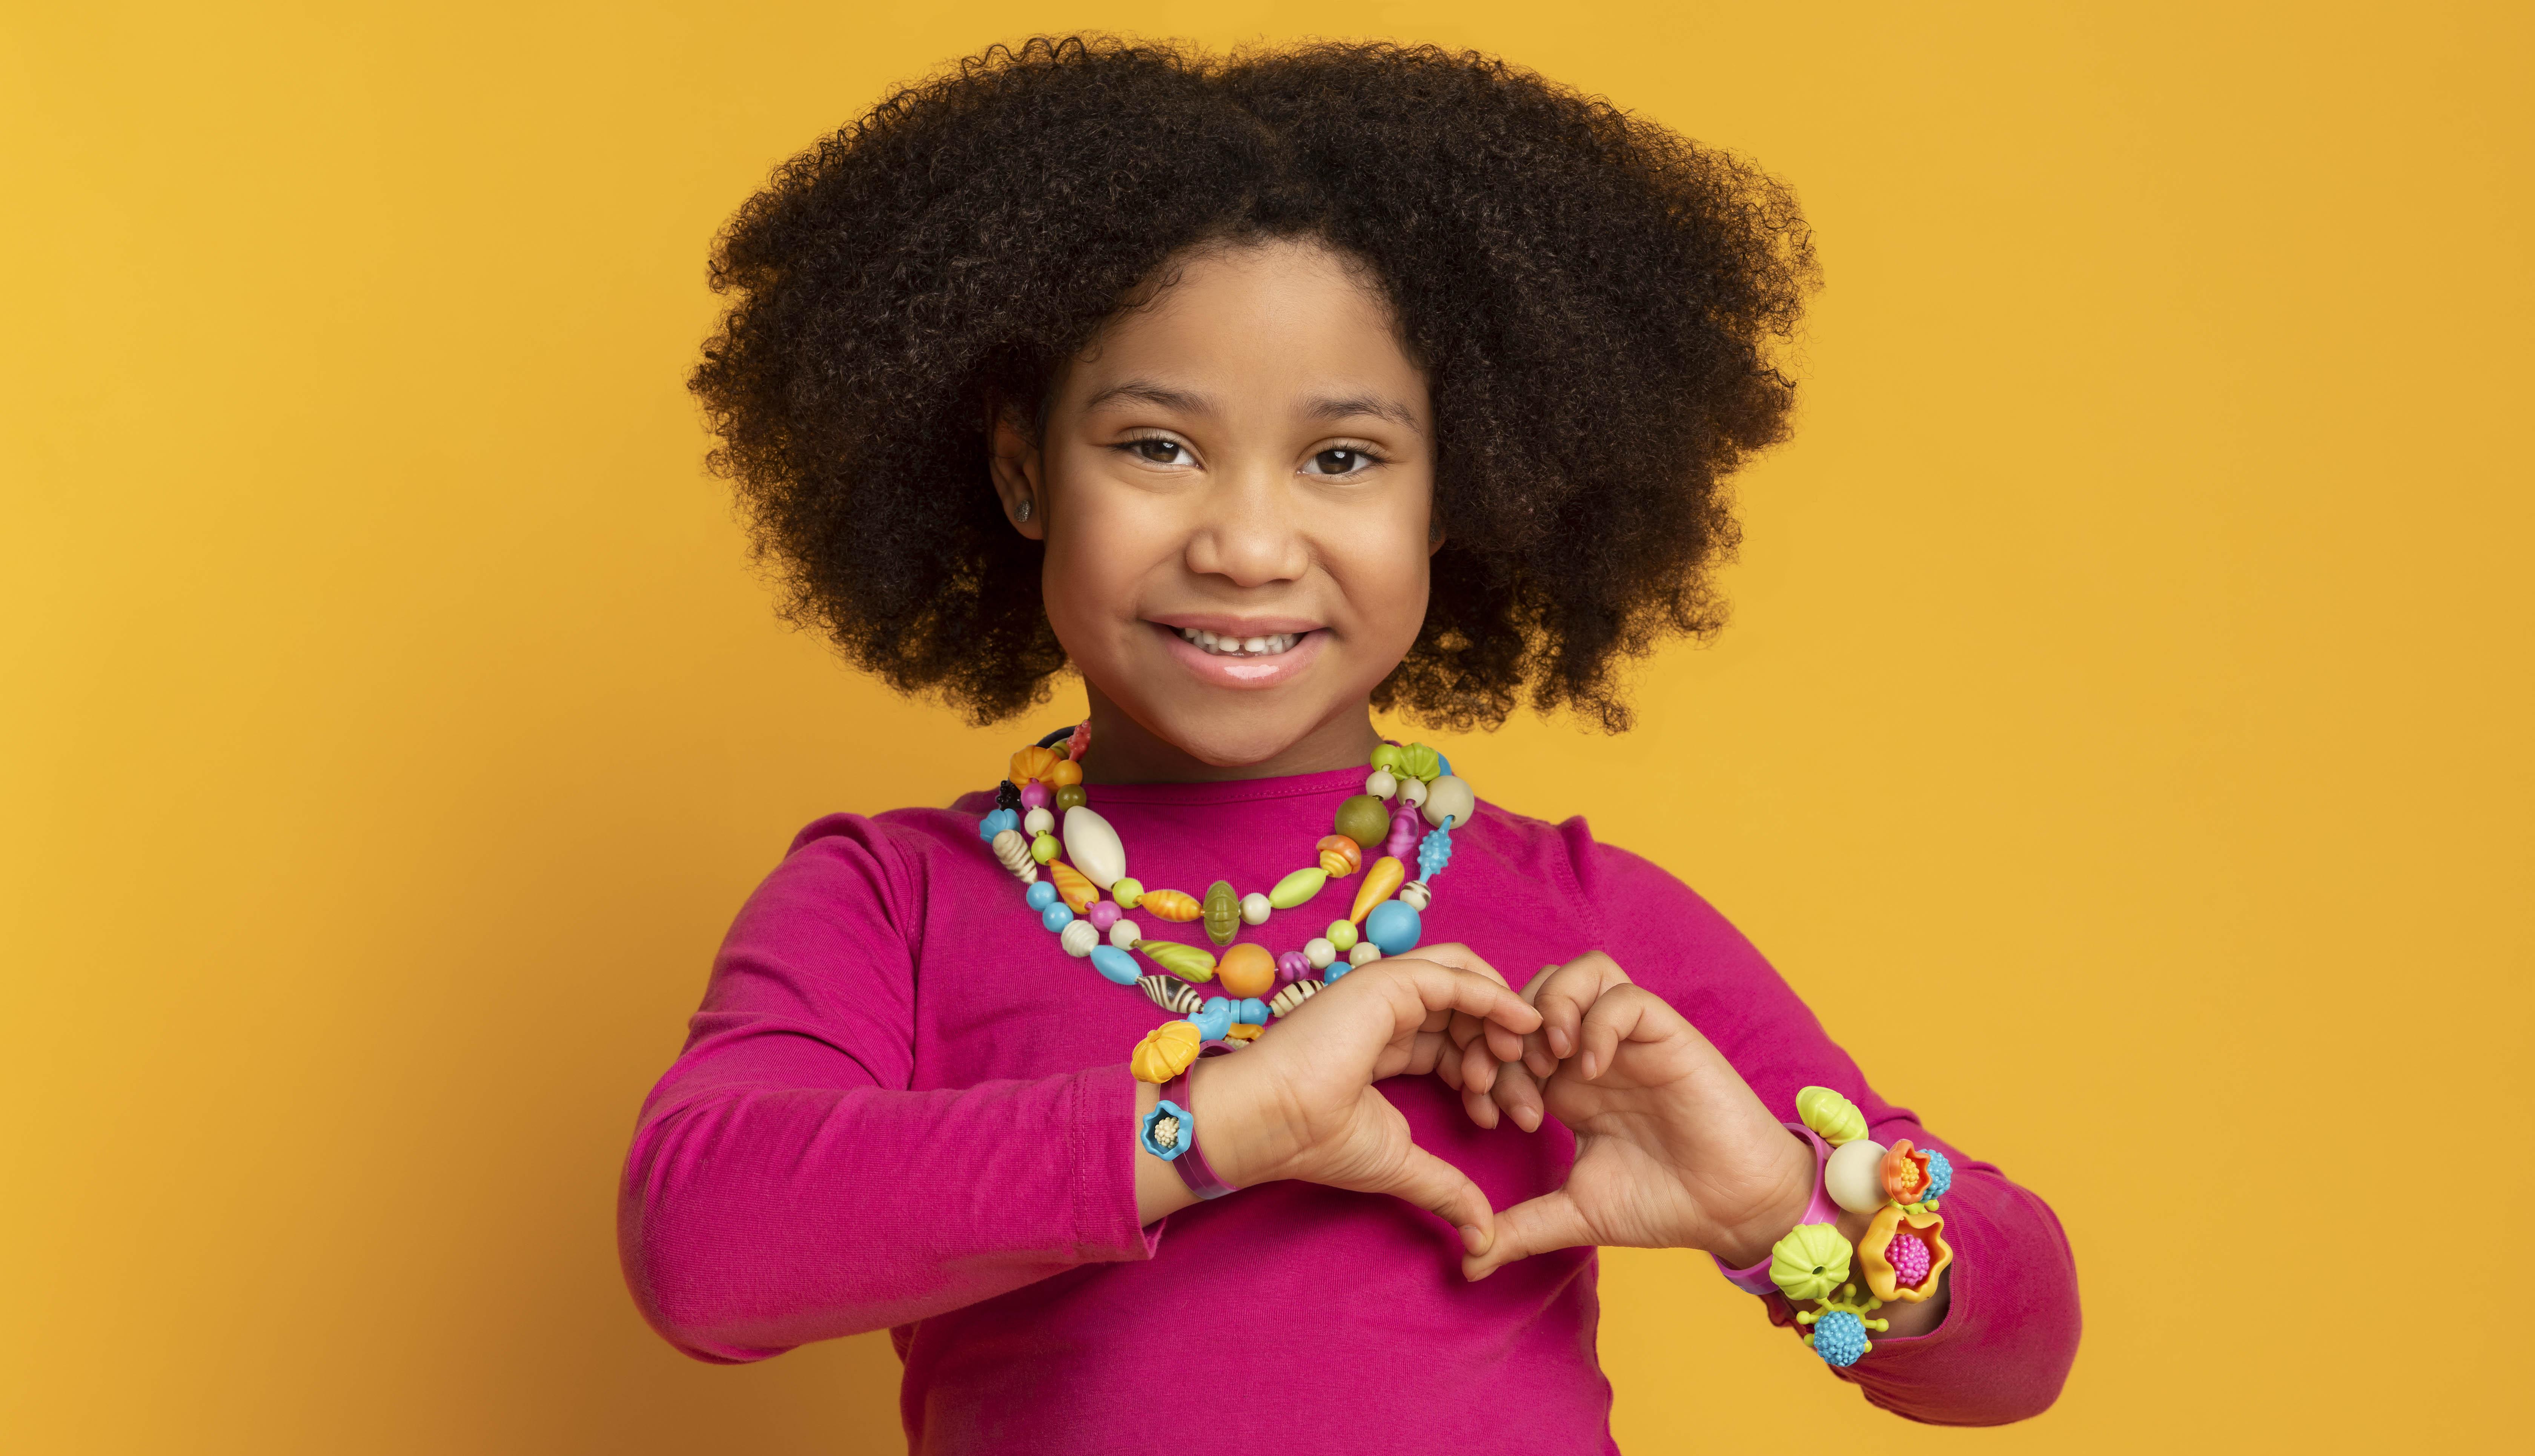 Girl wearing DIY jewelry.